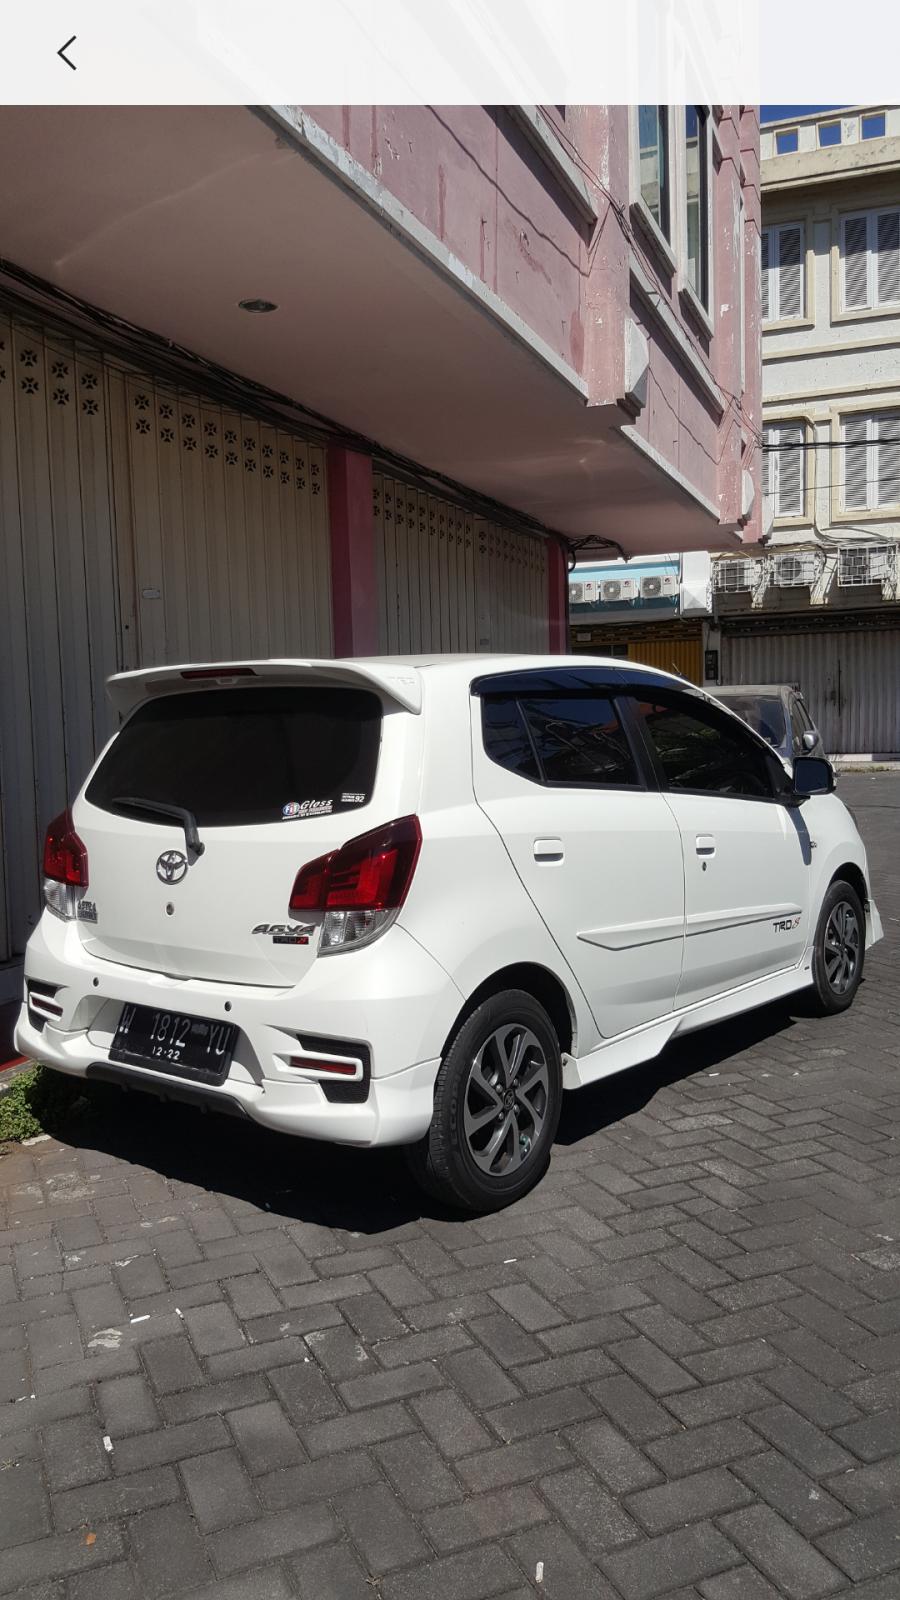 TER - Murah Tanpa Perantara Toyota Agya 1.2 TRD (Manual